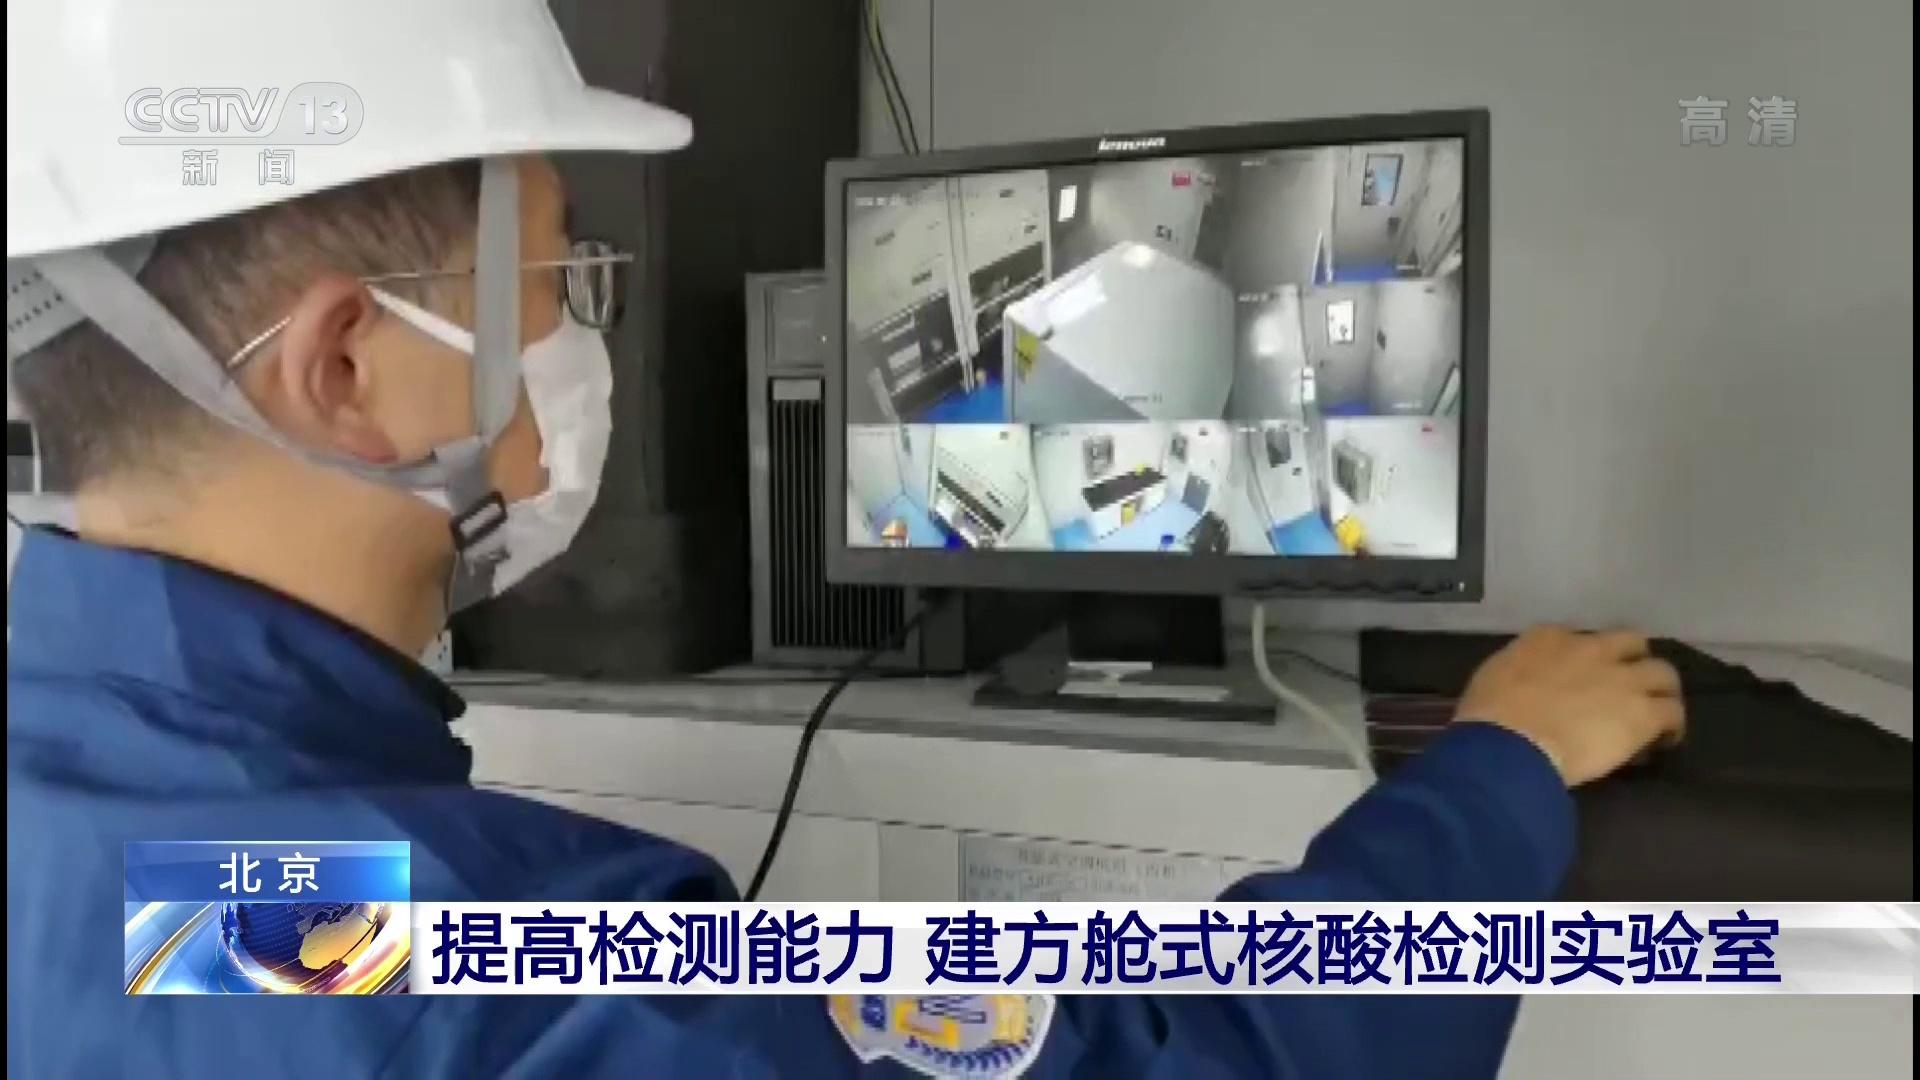 摩天平台检摩天平台测1500人次北京建方舱式图片